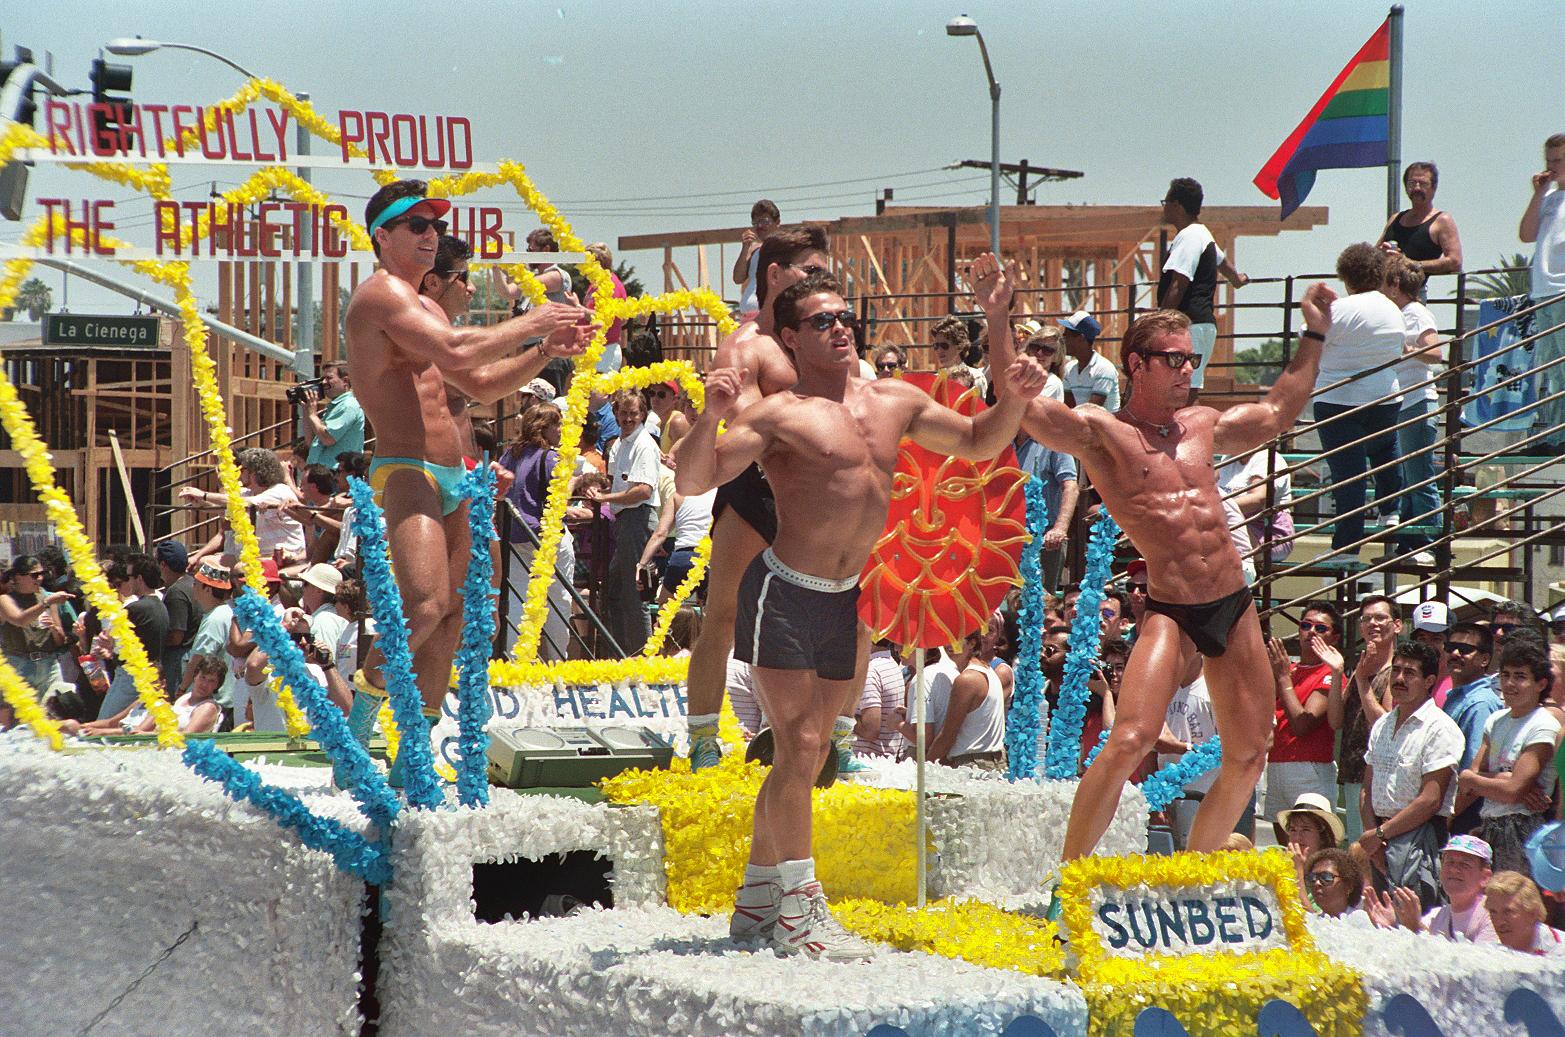 la-pride-1987-1995_22123291250_o